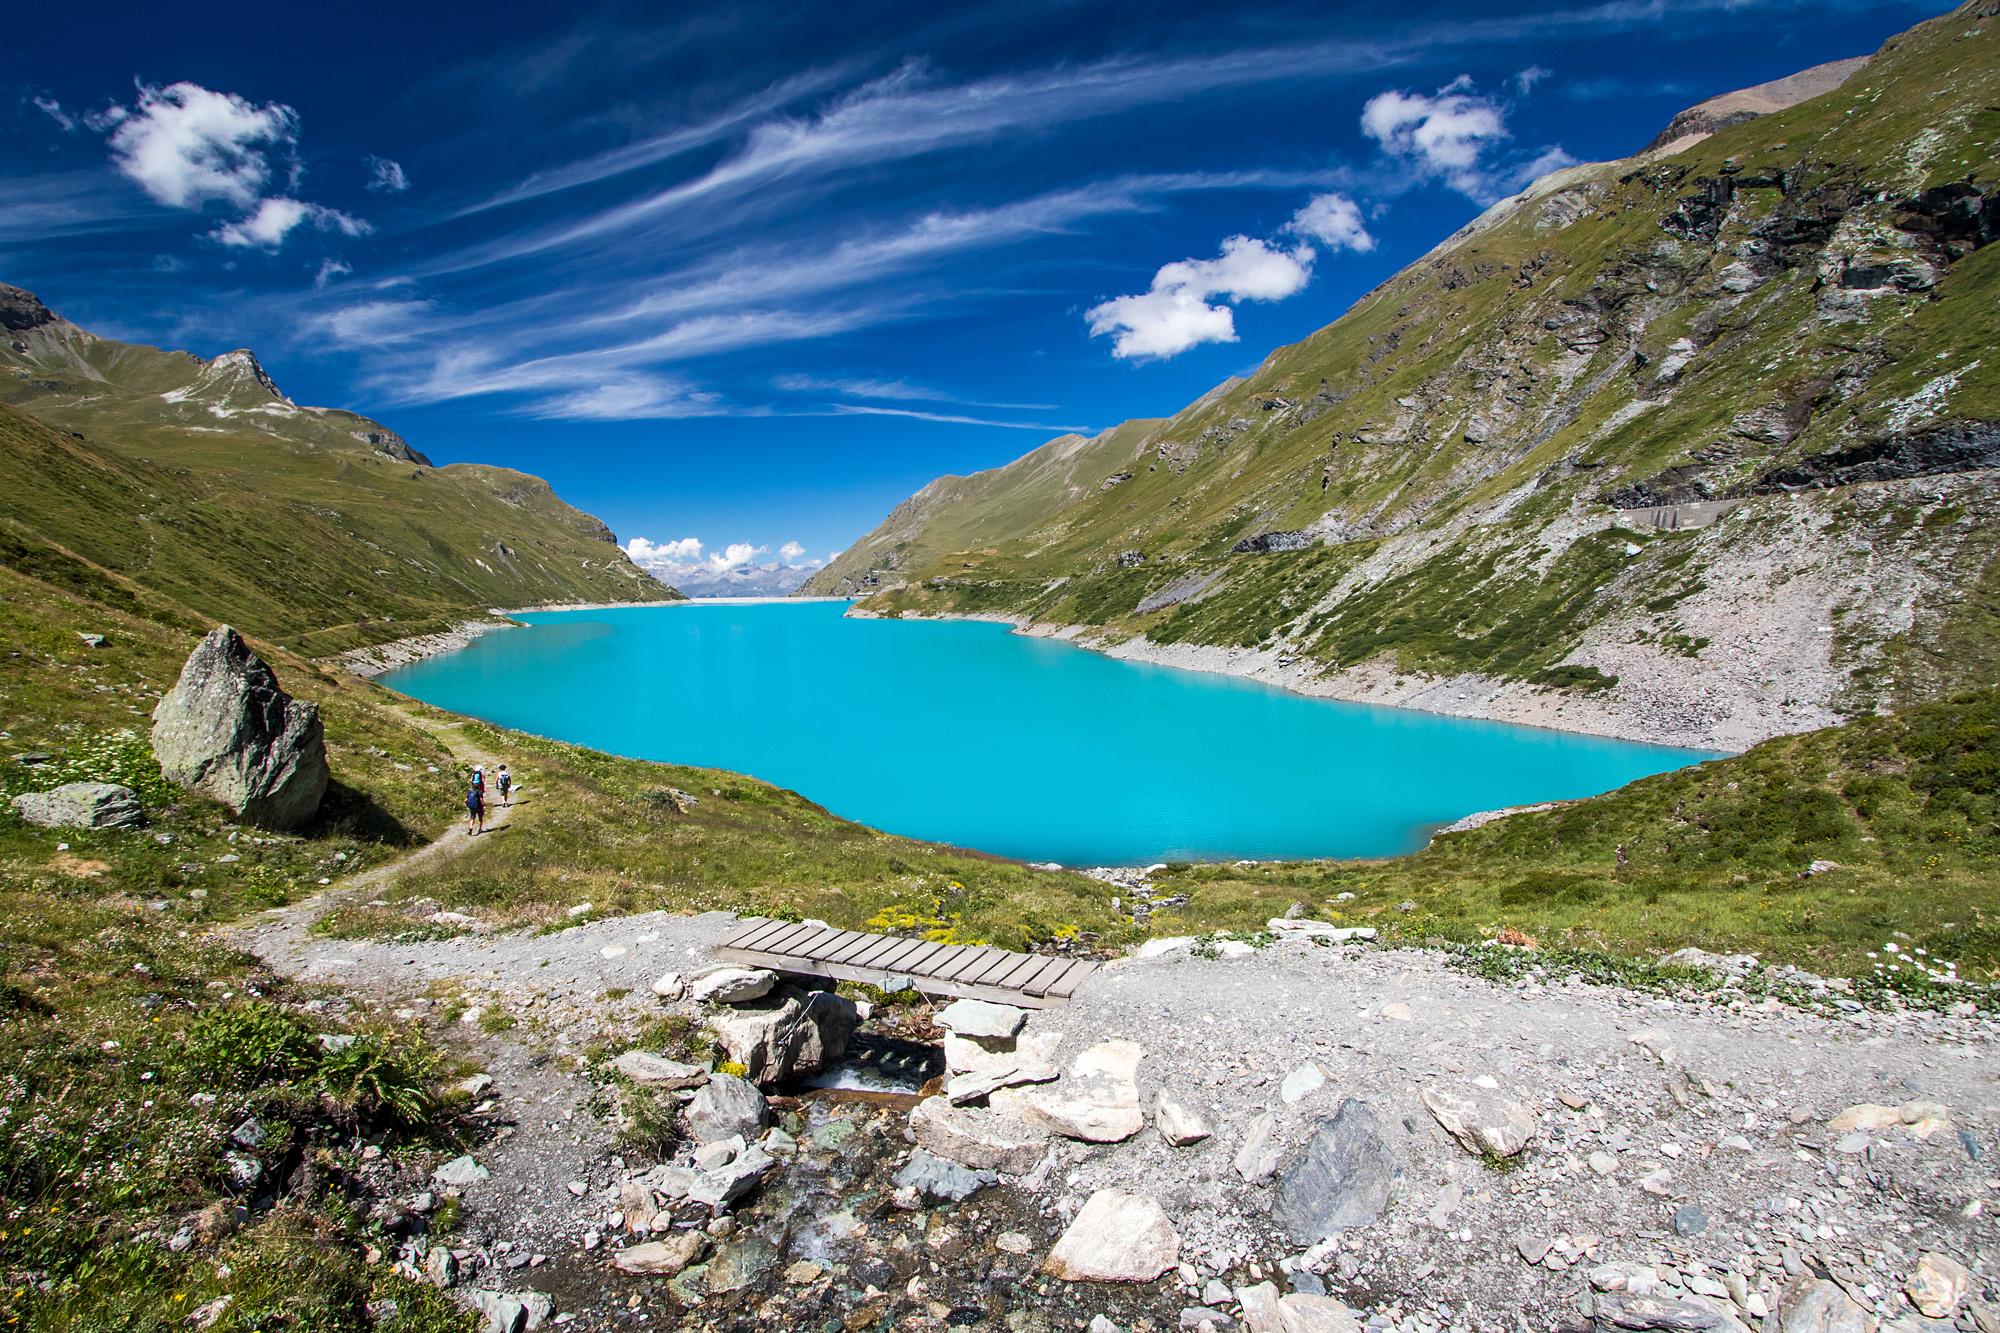 Der Lac de Moiry, Ziel einer Postauto-Strecke